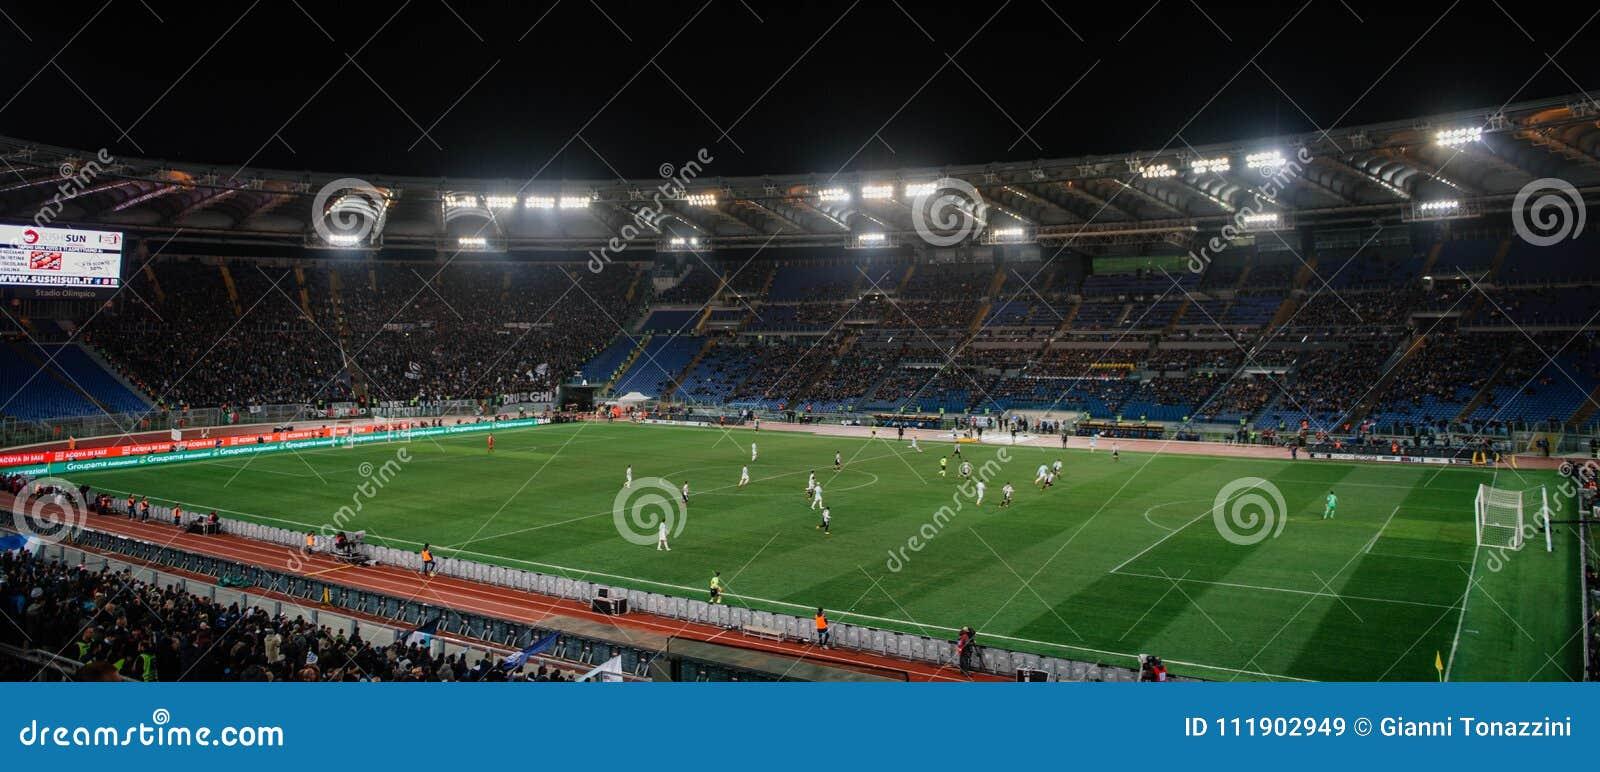 Ολυμπιακό στάδιο στη Ρώμη, Ιταλία